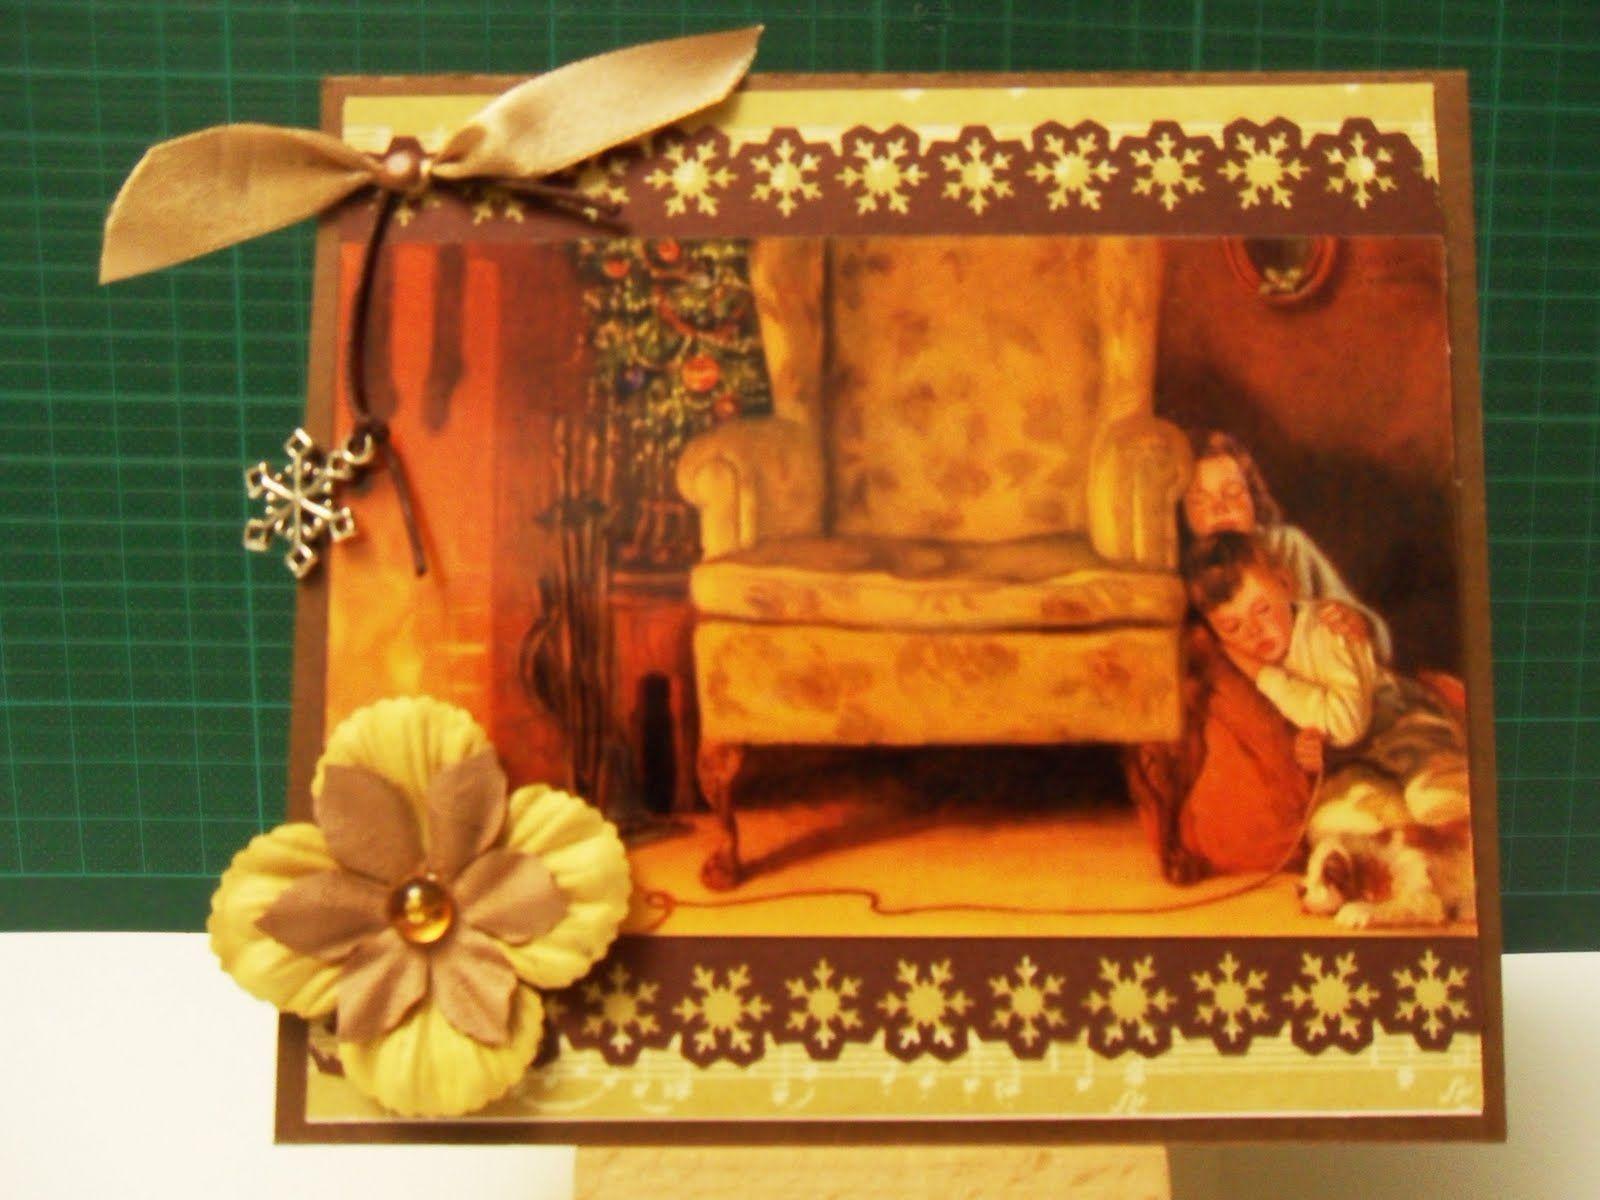 новый год,рождество,сhristmas